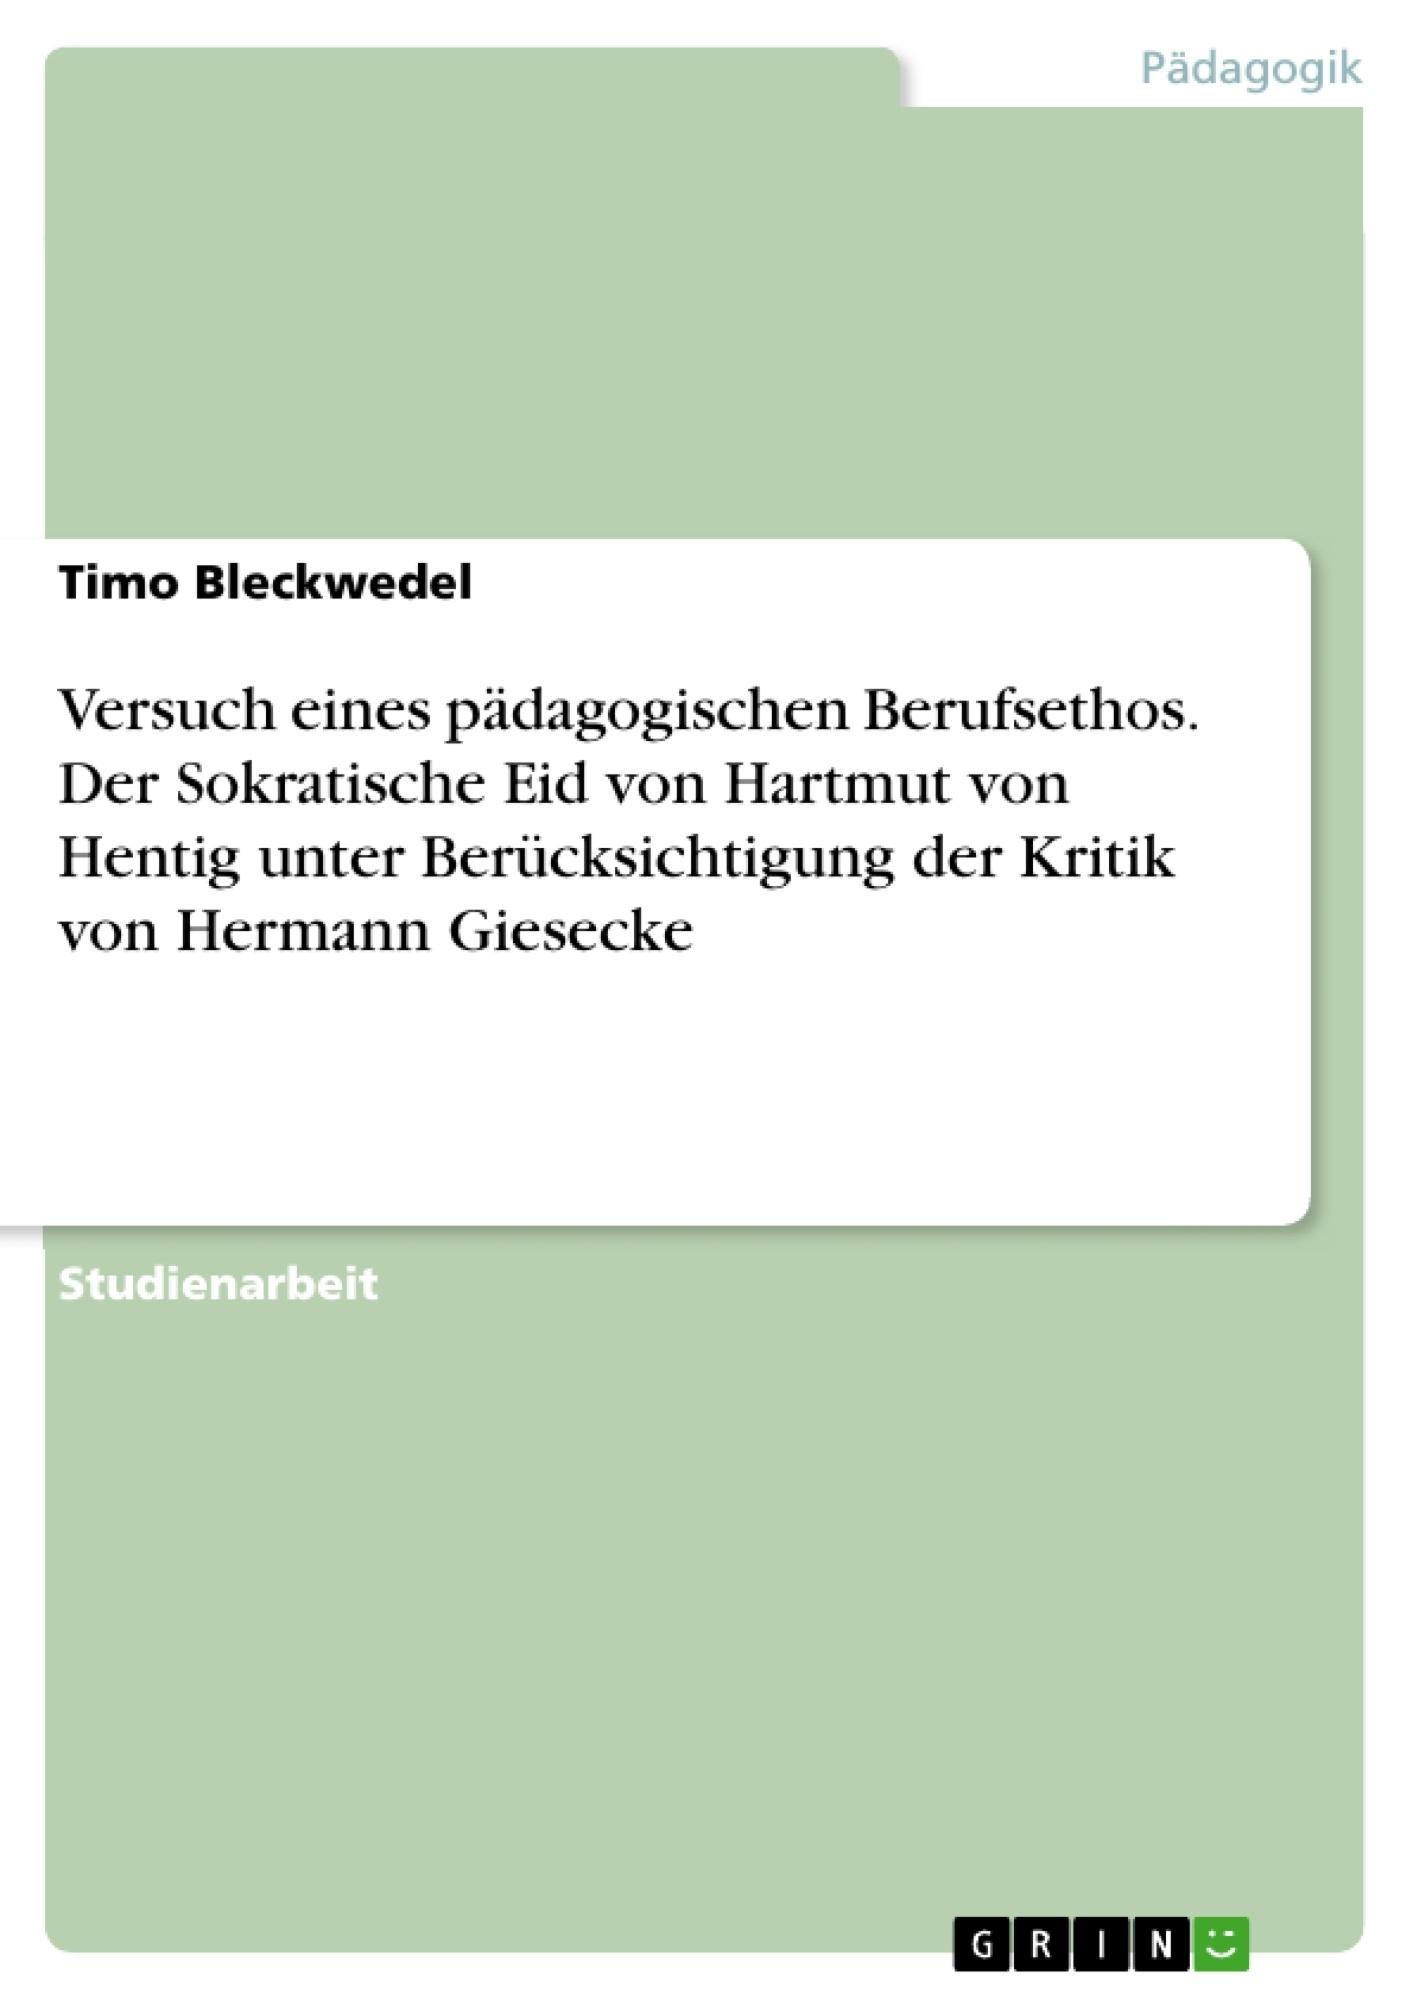 Titel: Versuch eines pädagogischen Berufsethos. Der Sokratische Eid von Hartmut von Hentig unter Berücksichtigung der Kritik von Hermann Giesecke